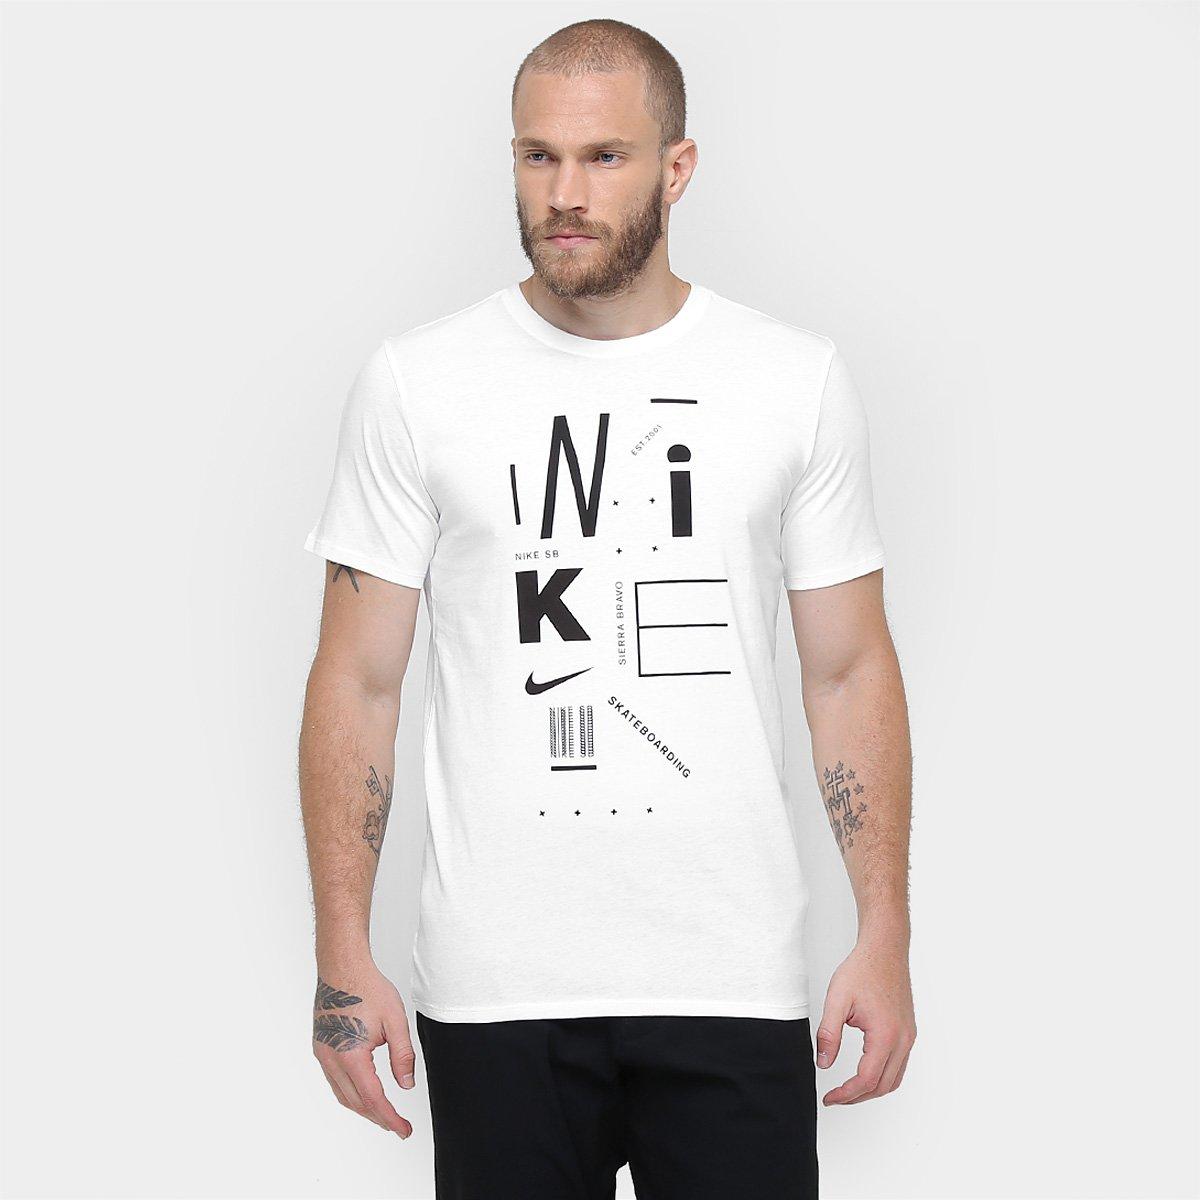 511a0fd2a1ed3 Camiseta Nike SB Tee Cc Poster - Compre Agora